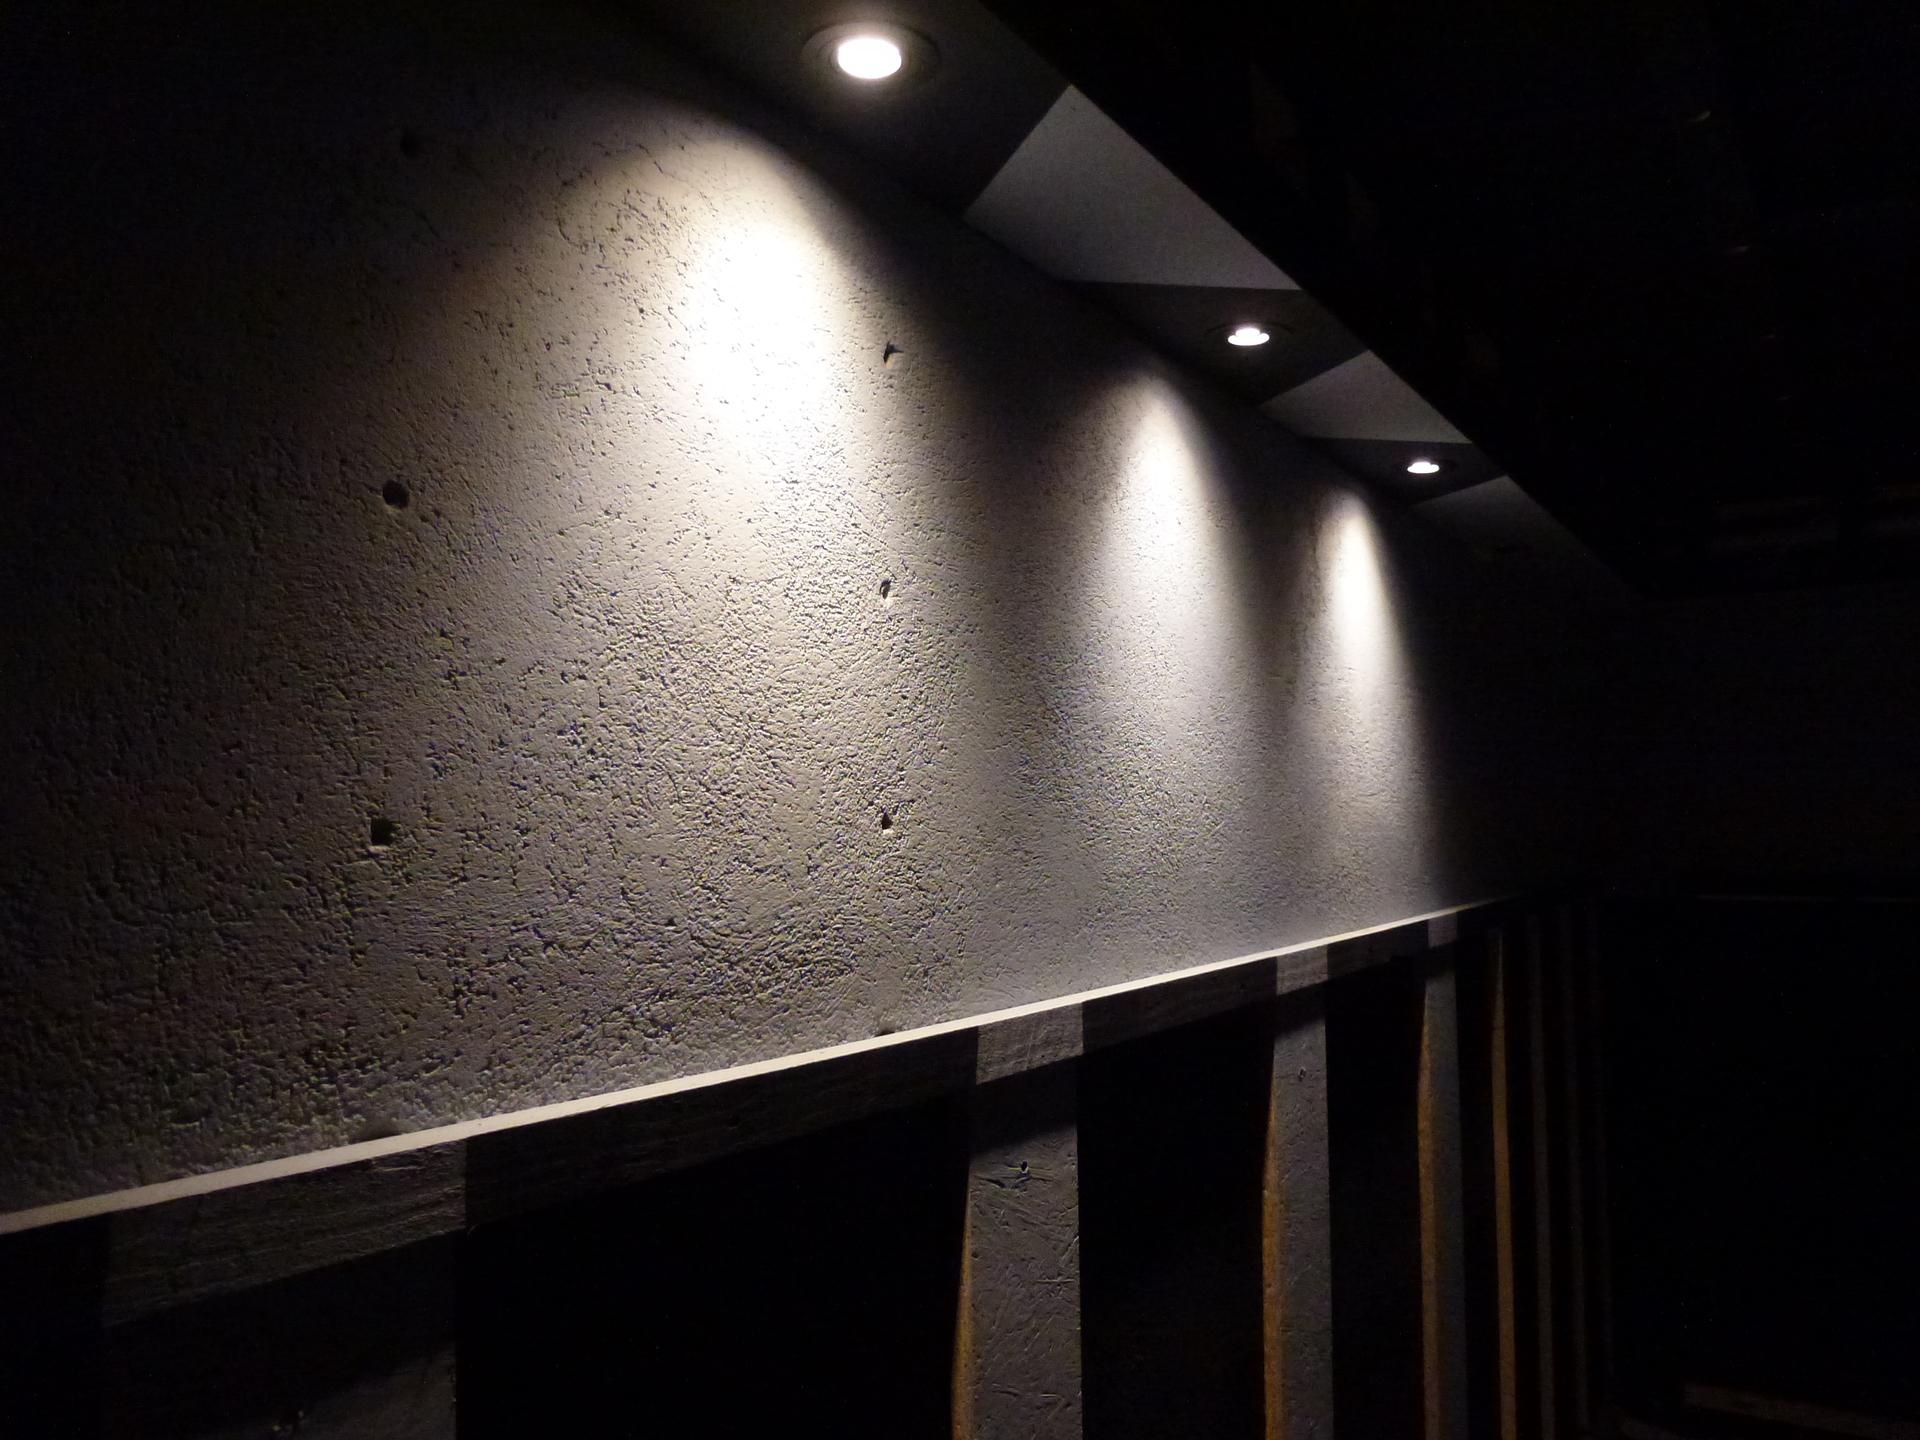 hk led spot beleuchtung beleuchtung hk ledspot hifi. Black Bedroom Furniture Sets. Home Design Ideas